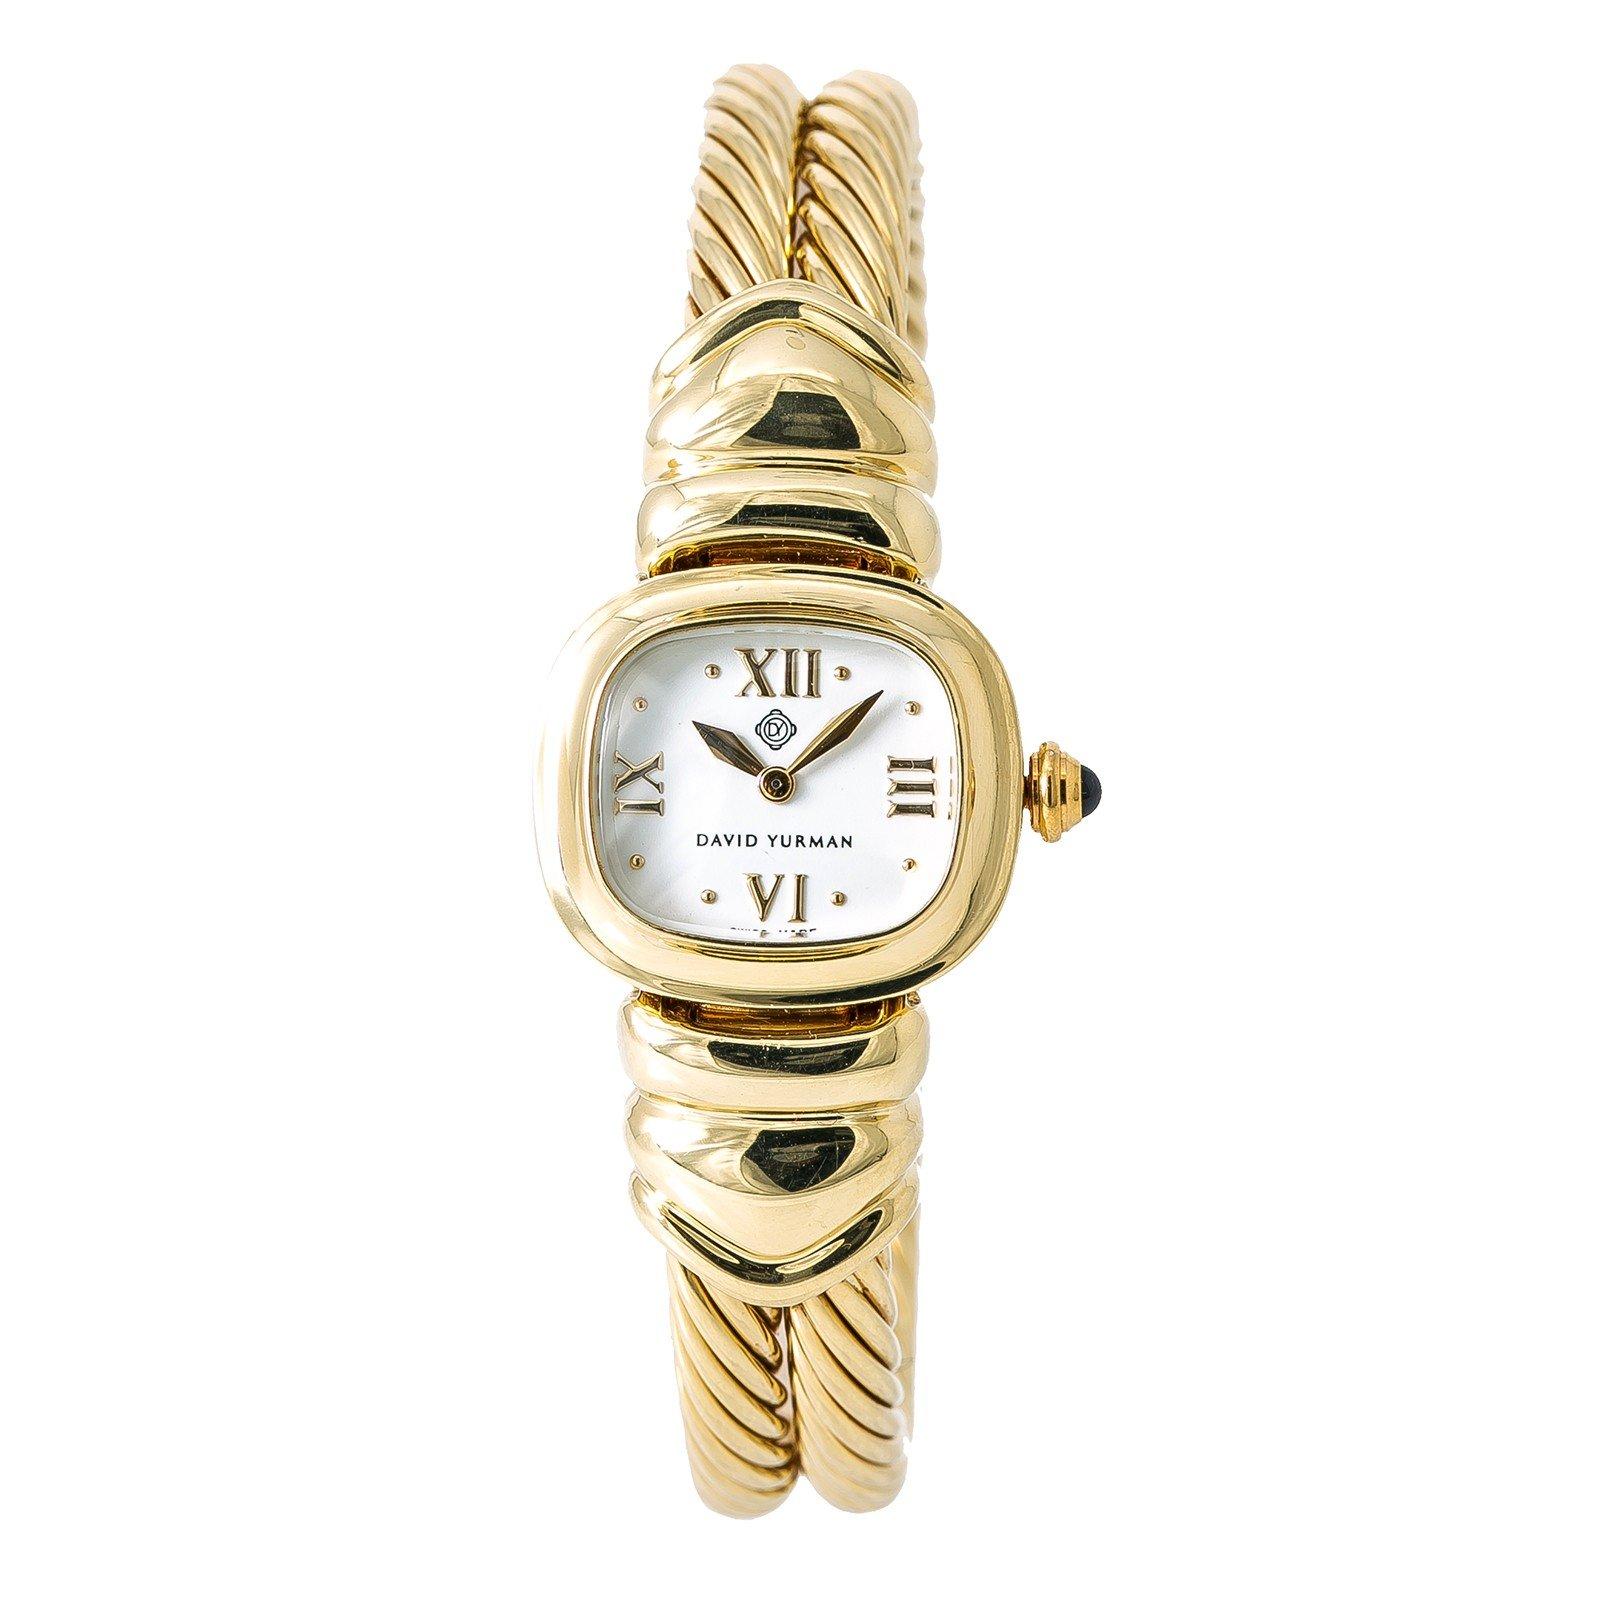 David Yurman Bangle Watch quartz womens Watch T-3833 (Certified Pre-owned) by David Yurman (Image #1)